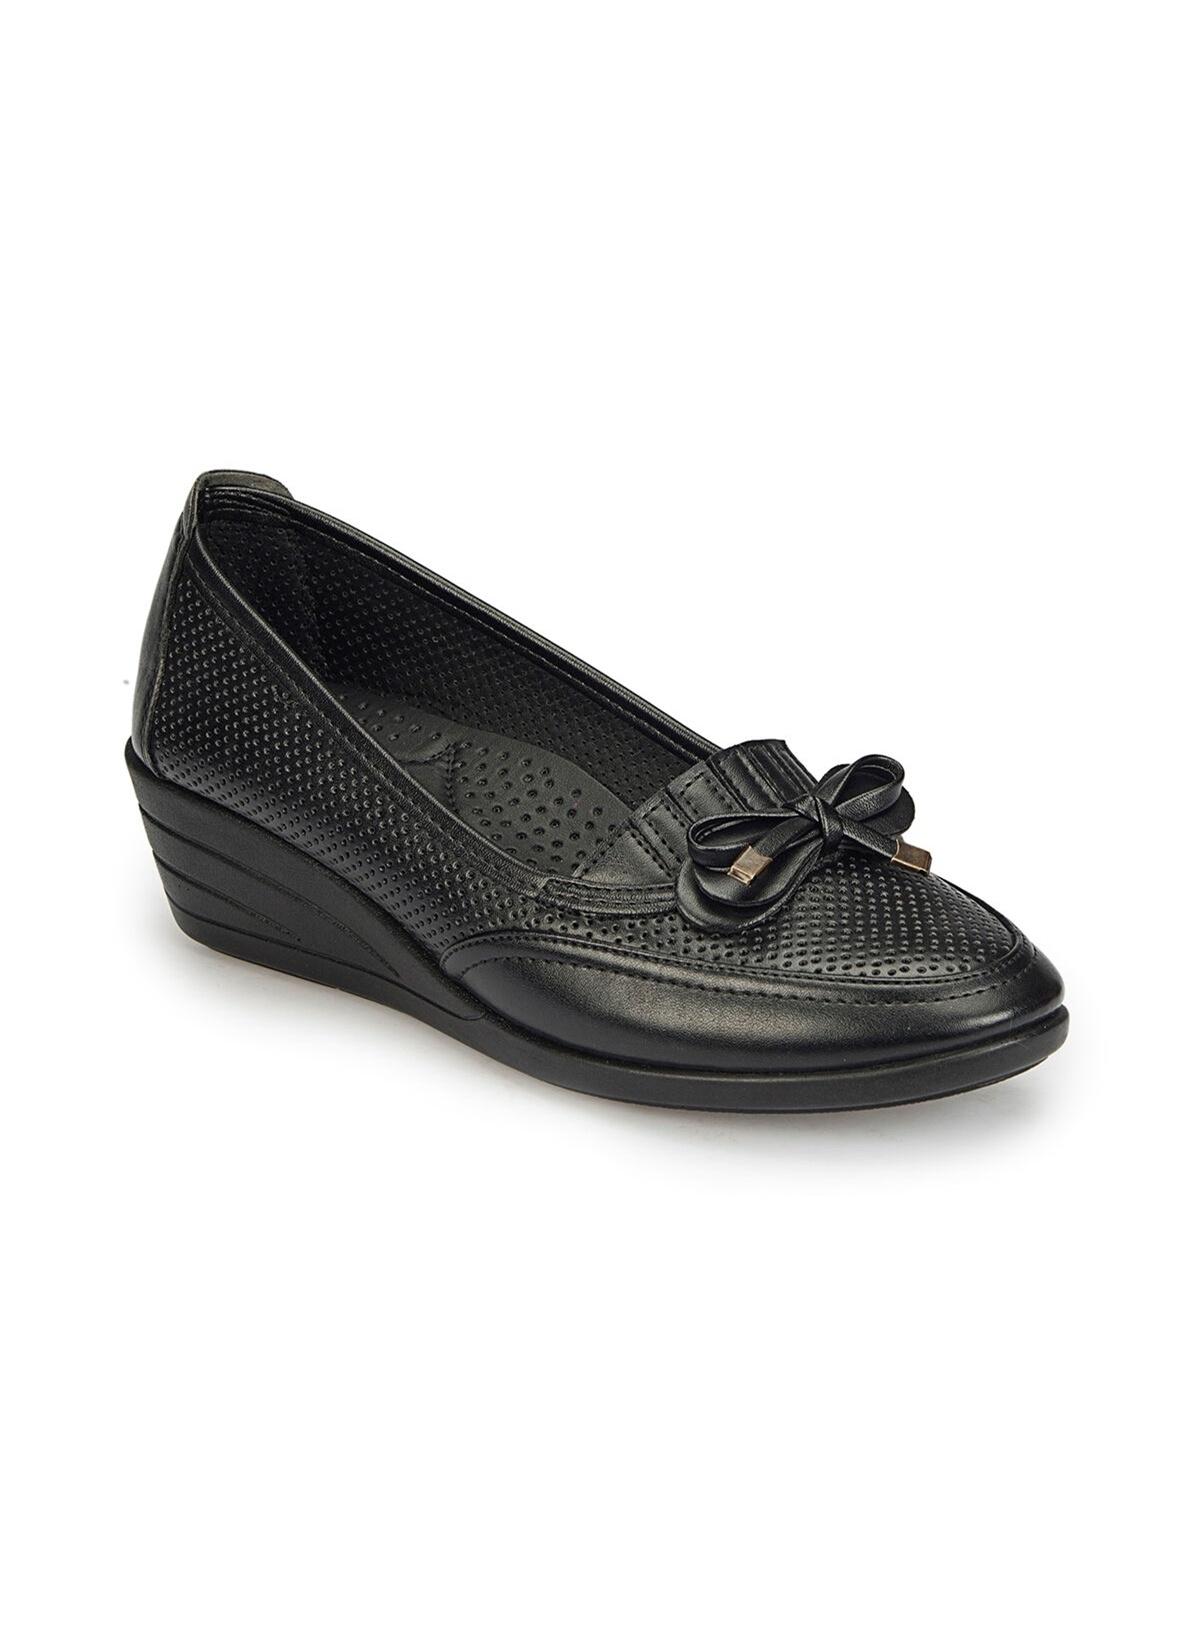 Polaris Ayakkabı 81.158482.z Basic Comfort – 54.59 TL